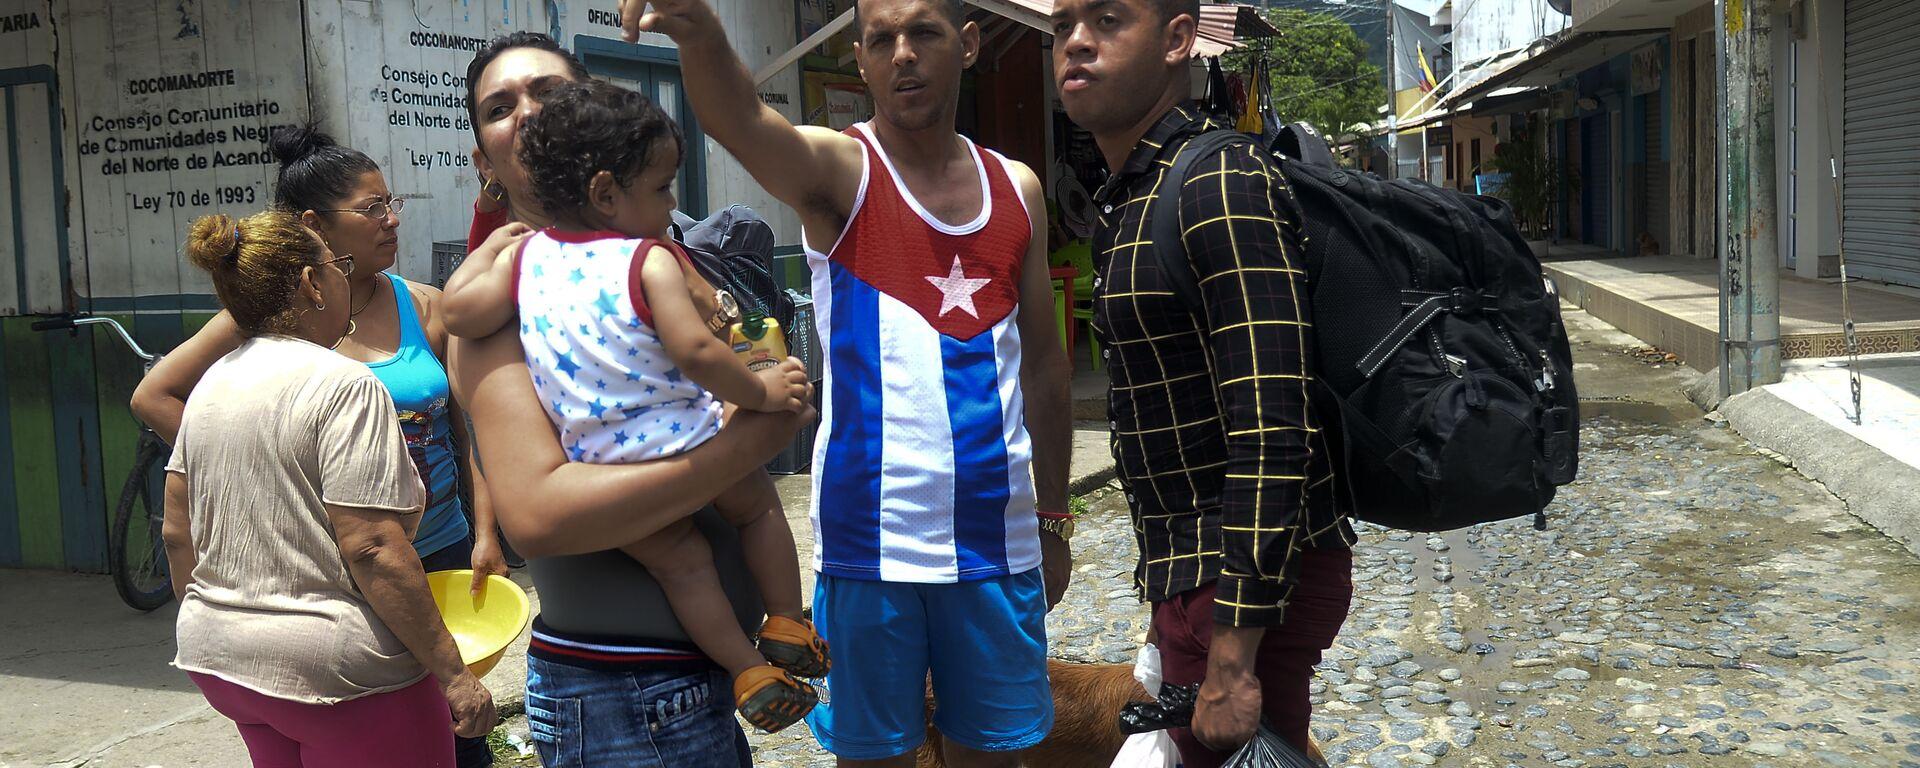 Migrantes cubanos en Colombia - Sputnik Mundo, 1920, 06.08.2021